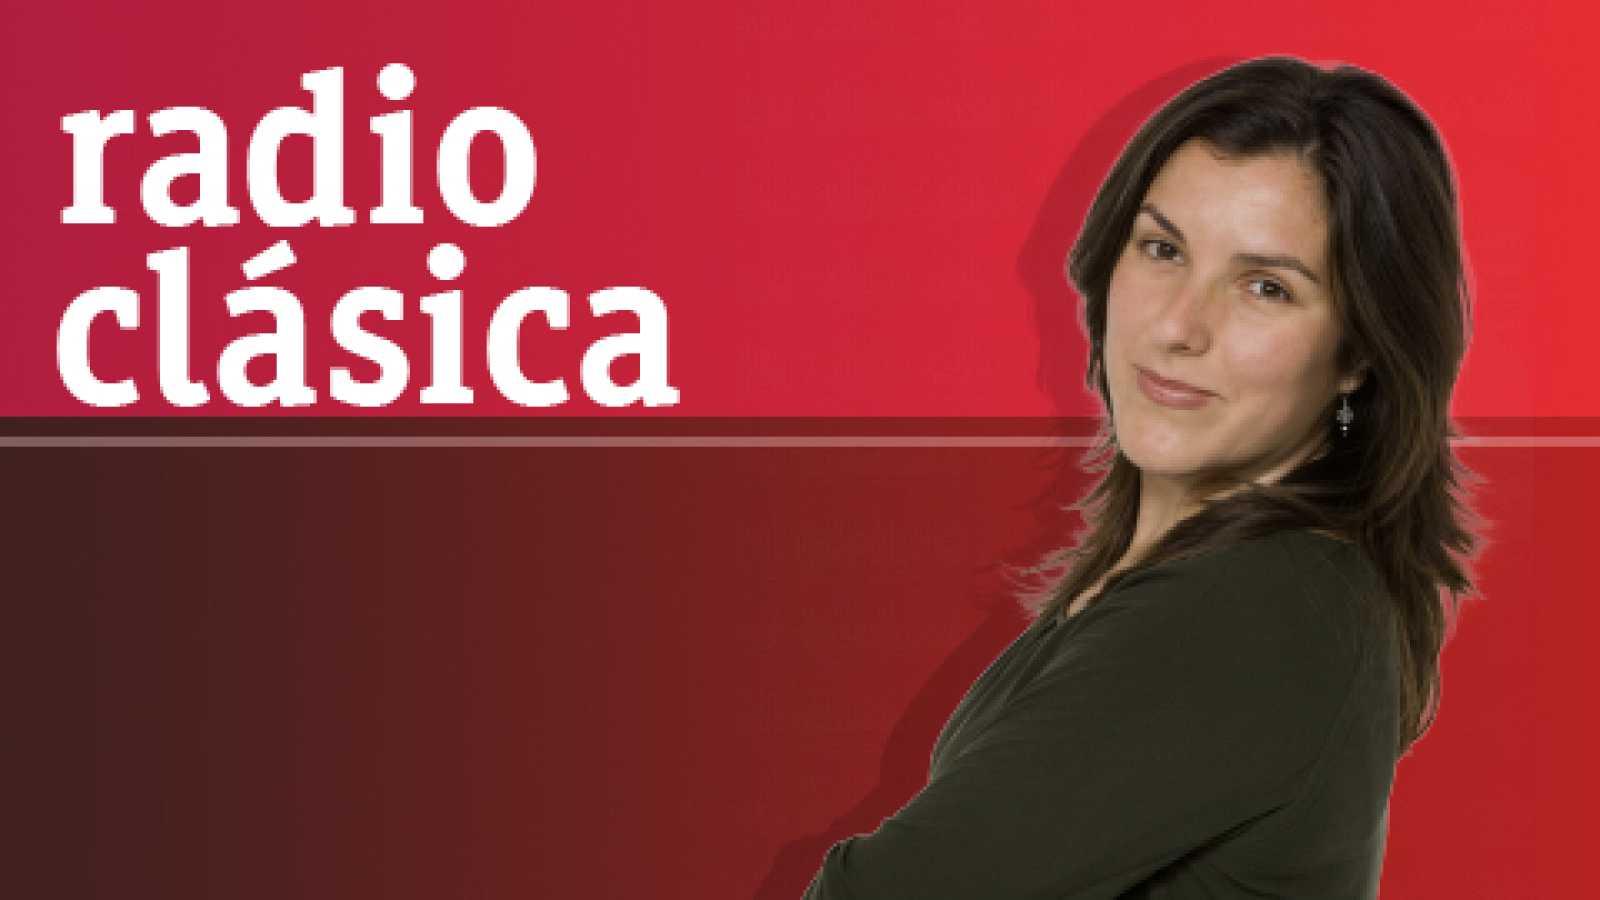 Los clásicos - Gabriel Loidi, honestidad al piano - 24/10/13 - escuchar ahora